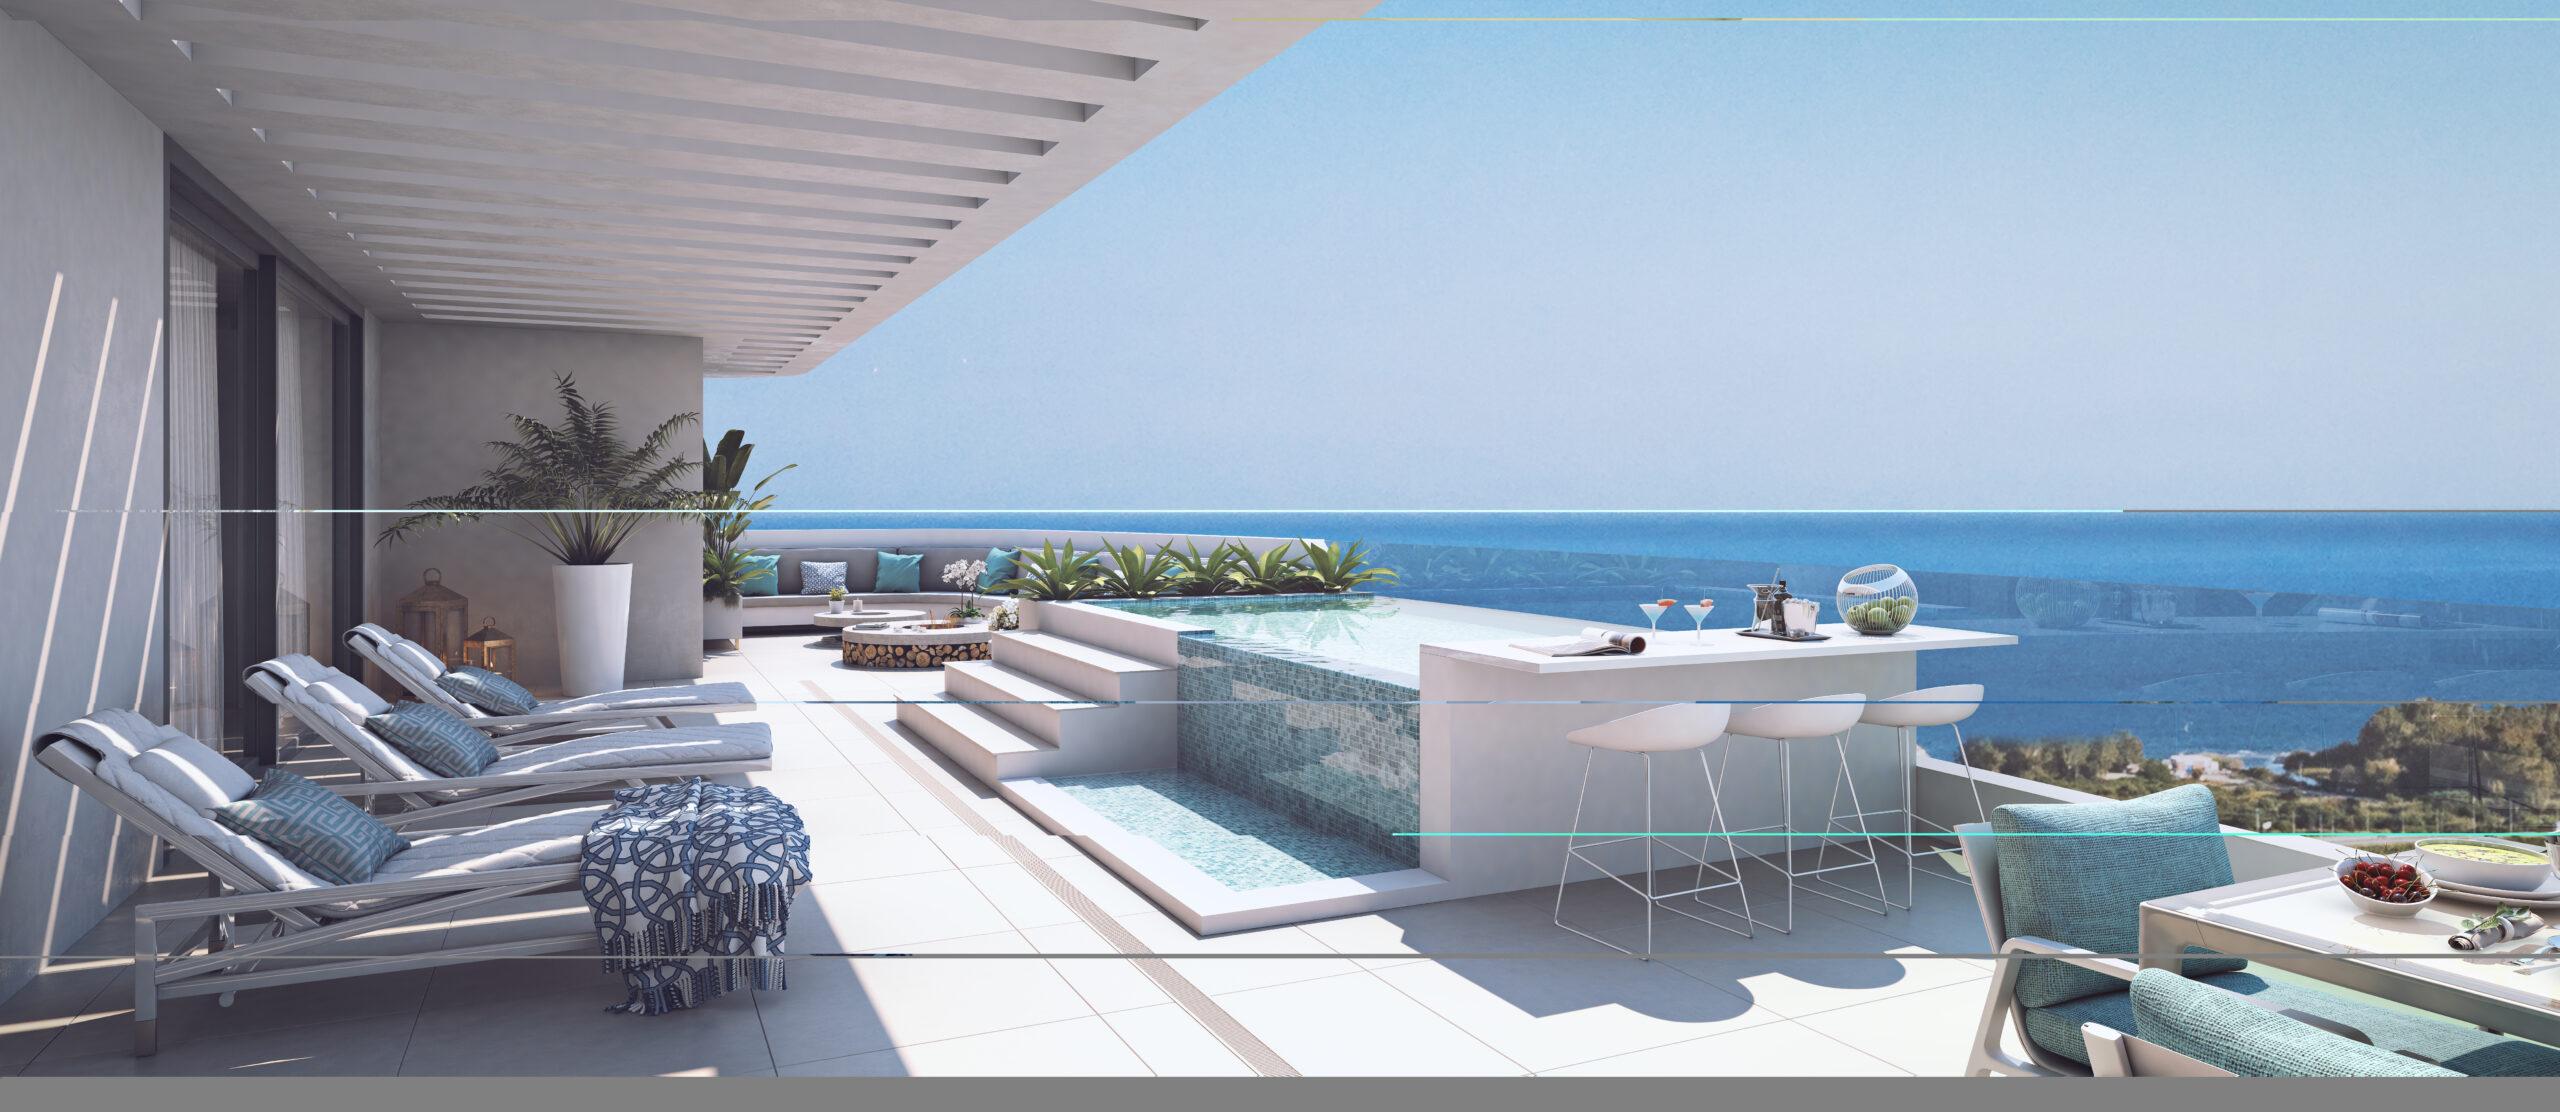 Villa te koop in Benalmadena (Spanje, Costa del Sol)